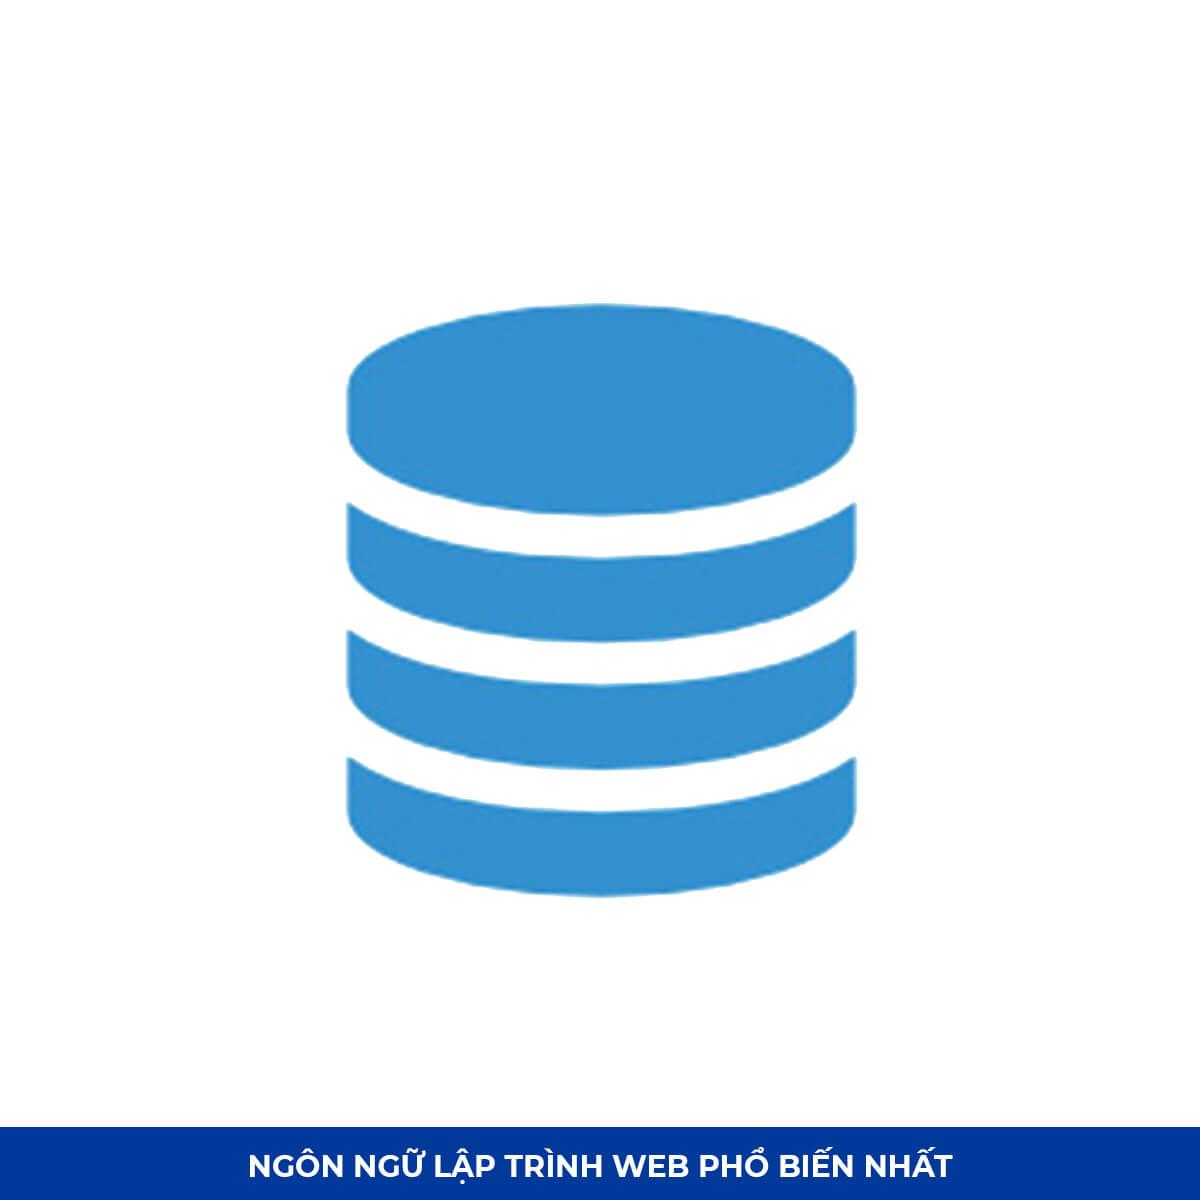 Top Ngôn ngữ lập trình web #9: SQL (Structure Query Languages)